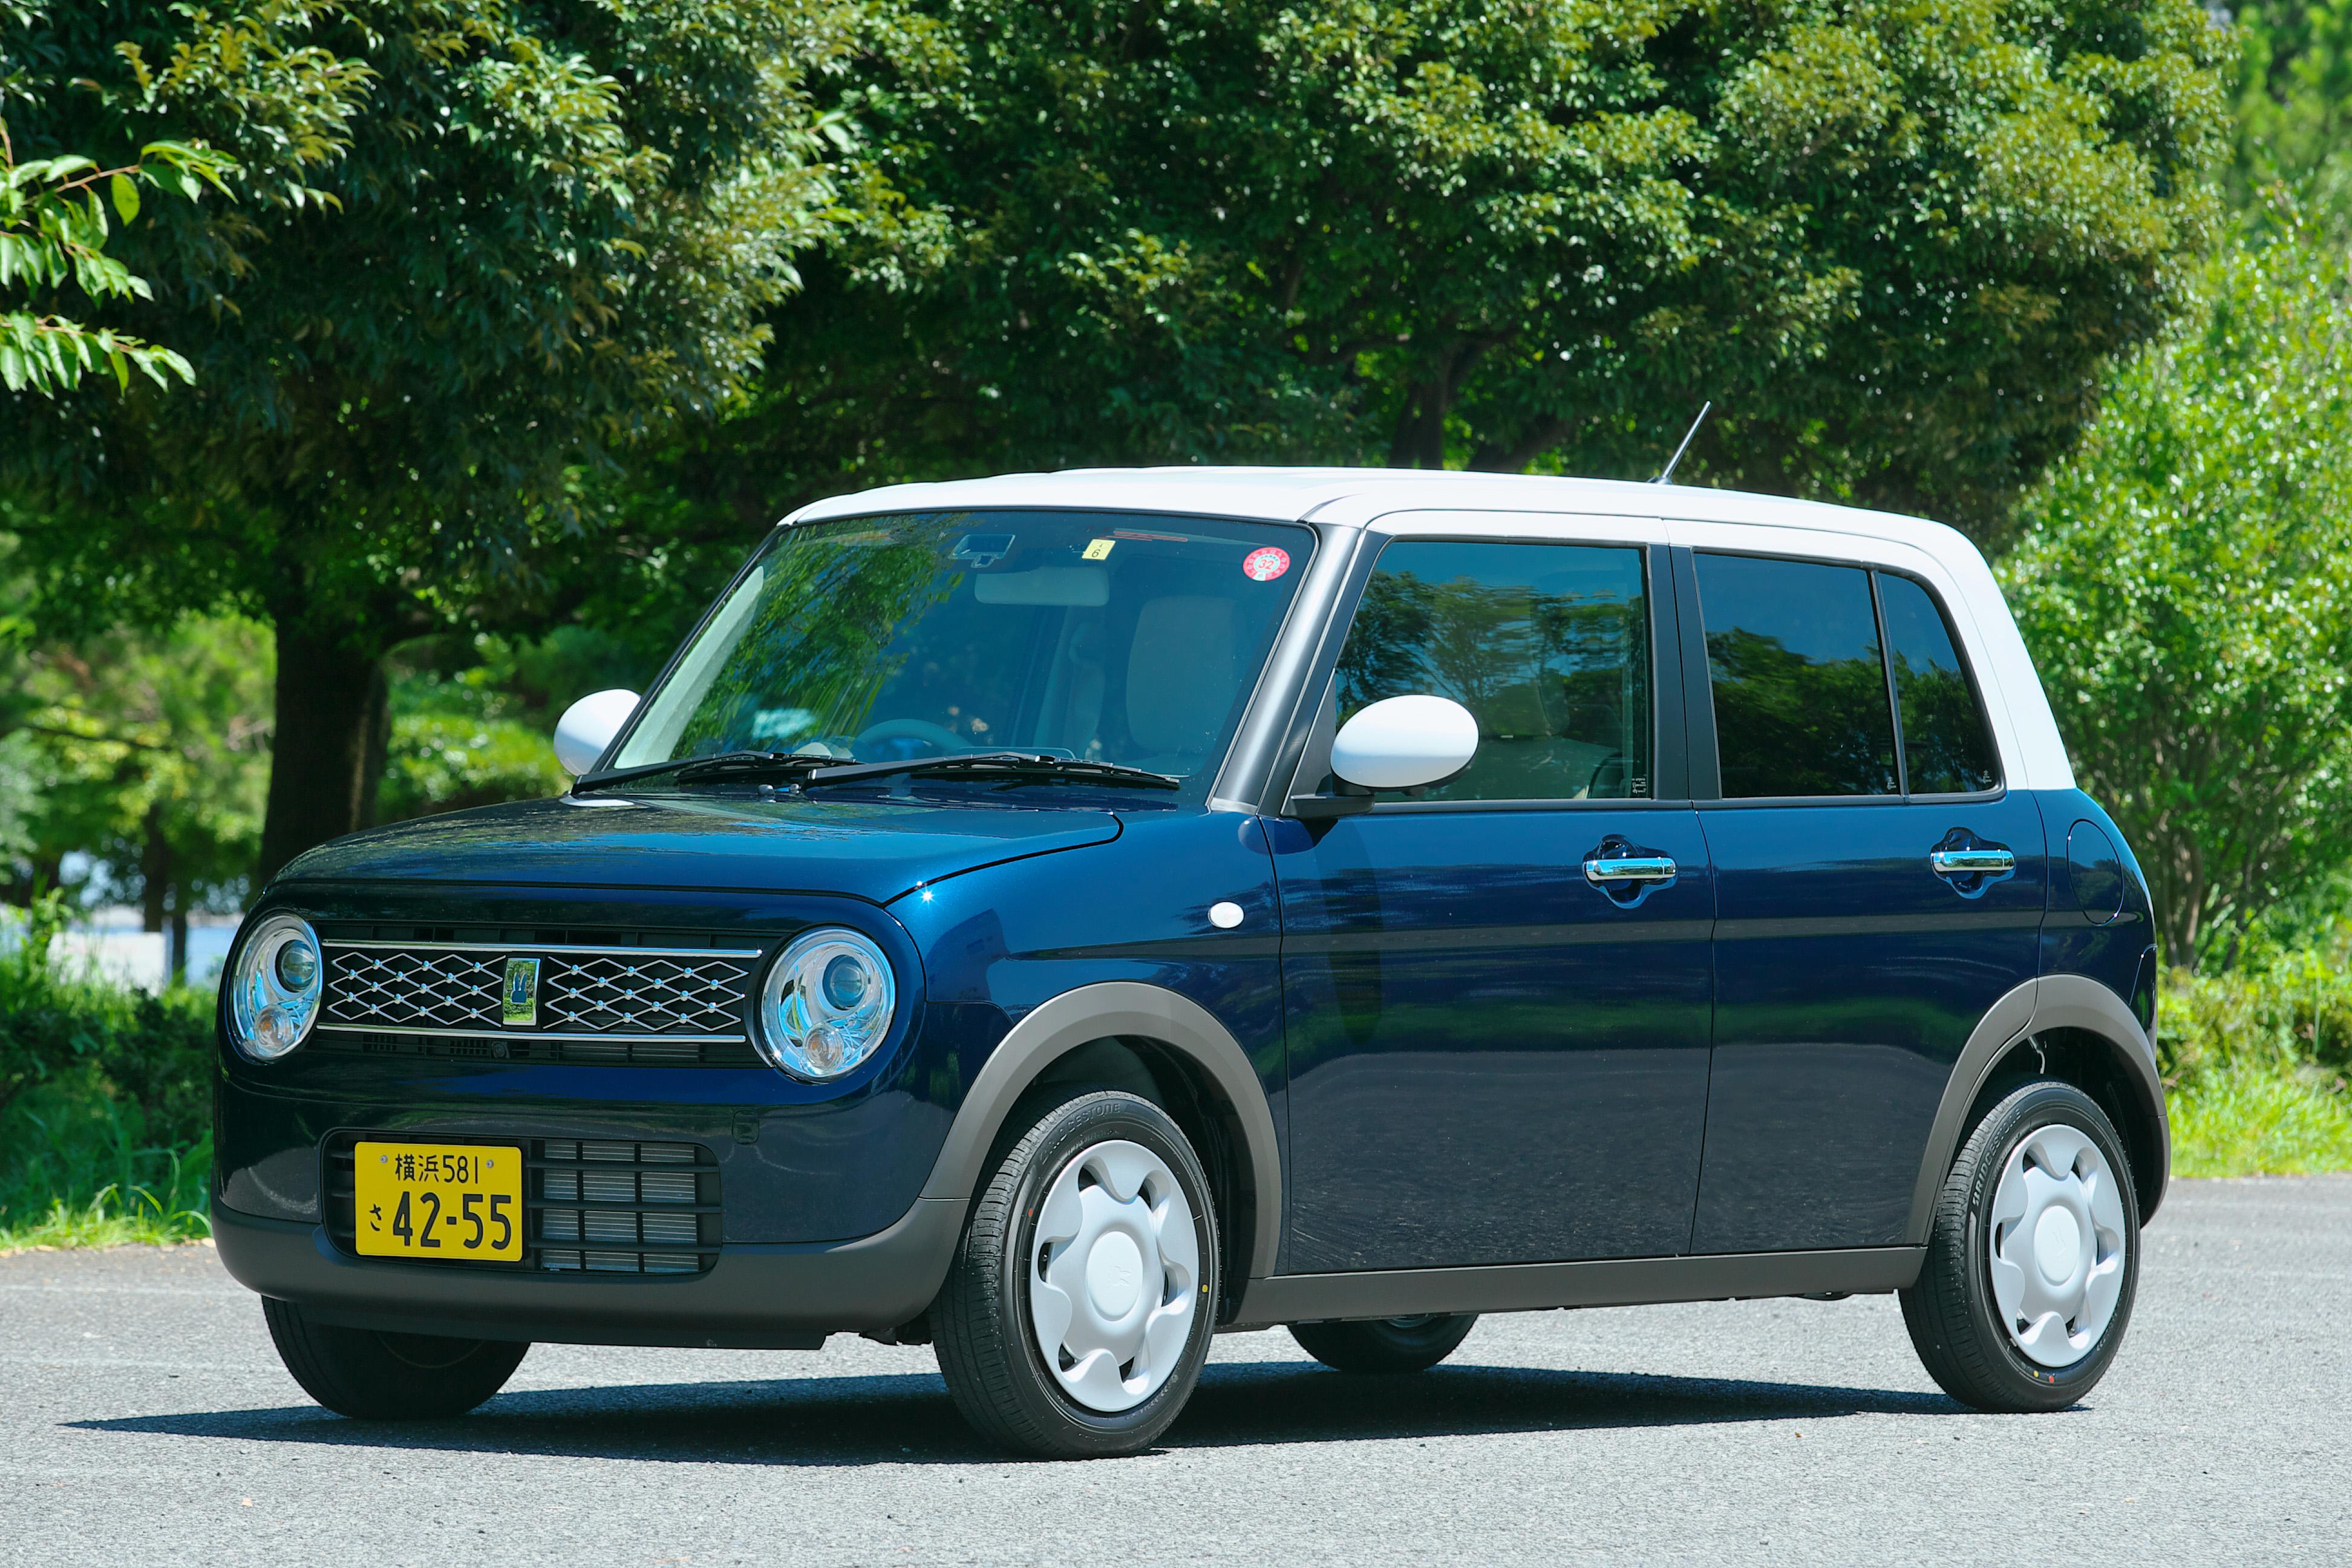 「軽自動車は10年前より燃費性能&安全性能は大幅進歩。でも価格は据え置き?【新車】」の2枚目の画像